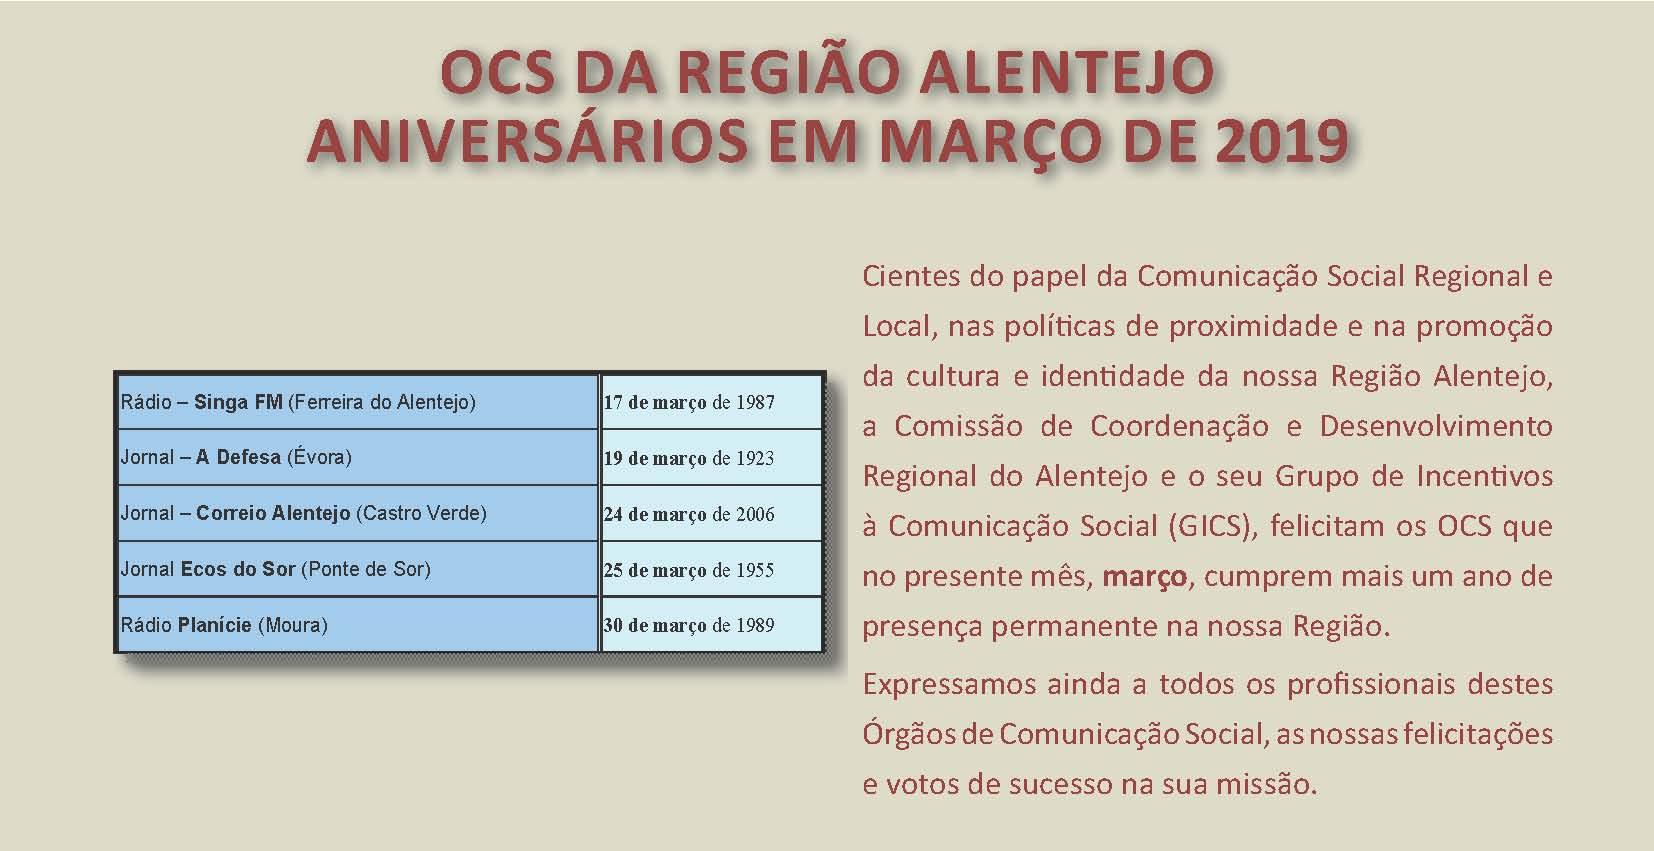 Aniversário em março 2019 OCS da Região Alentejo